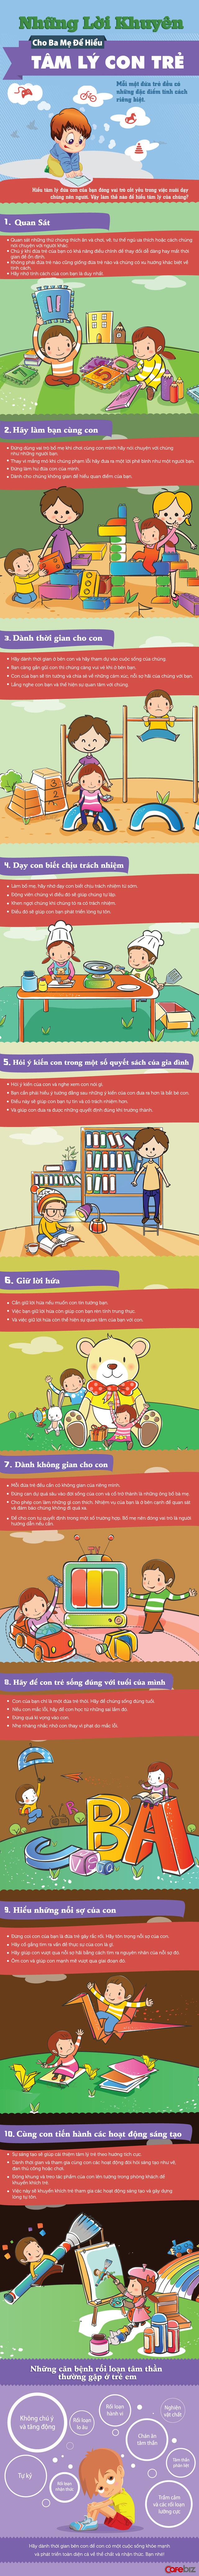 infographic-10-buoc-don-gian-de-hieu-tam-ly-con-cai